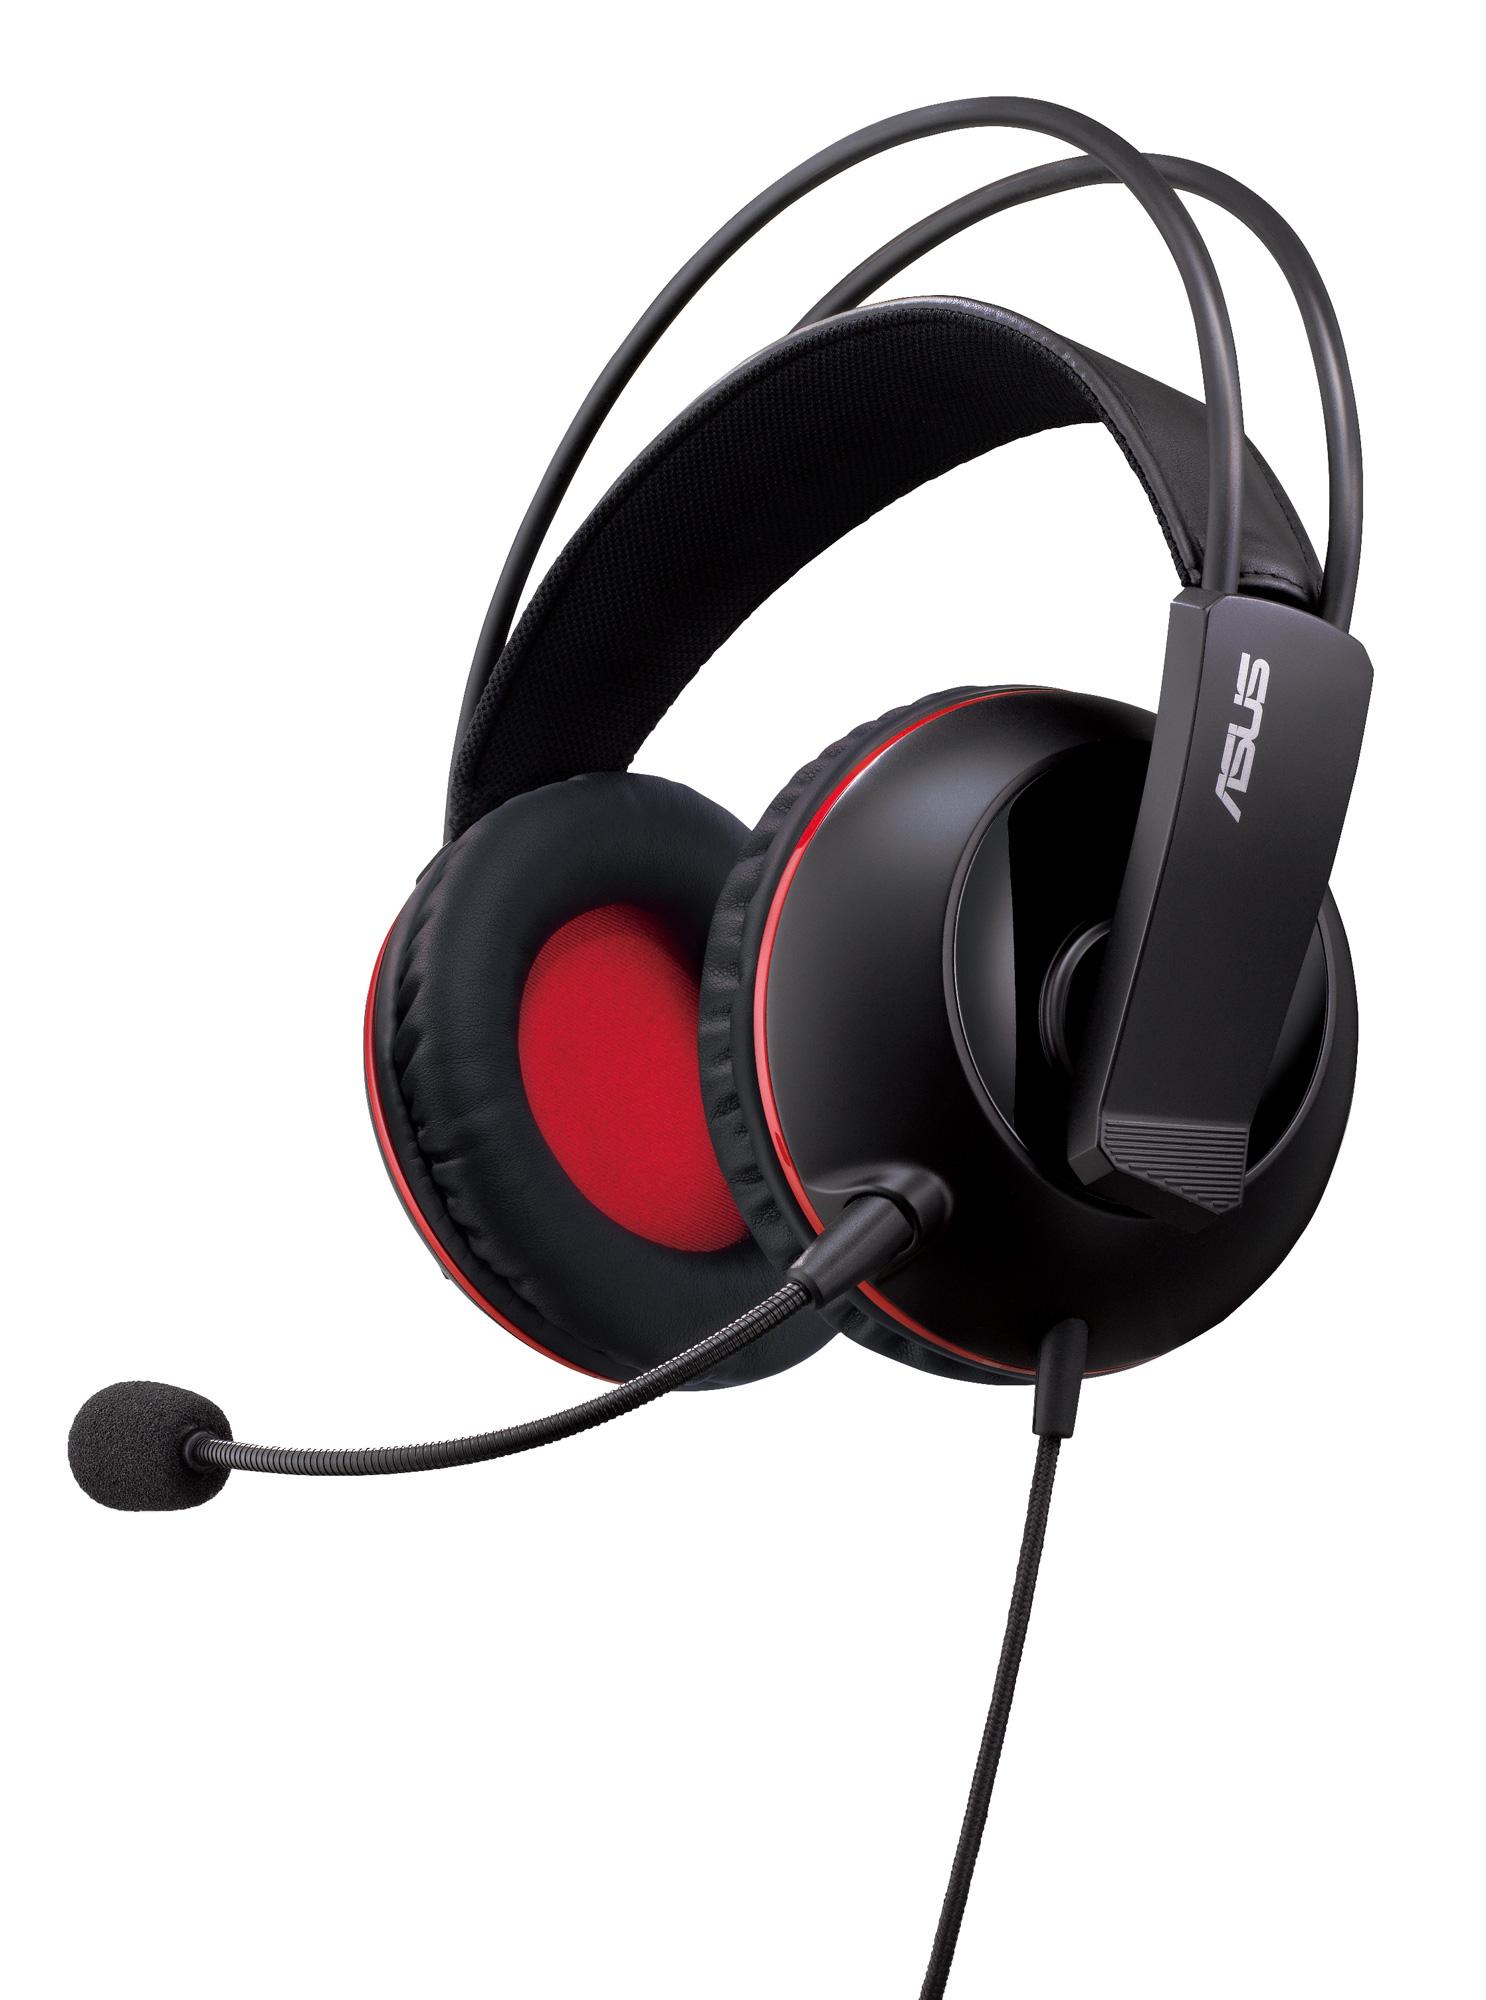 ASUS-Cerberus-gaming-headset